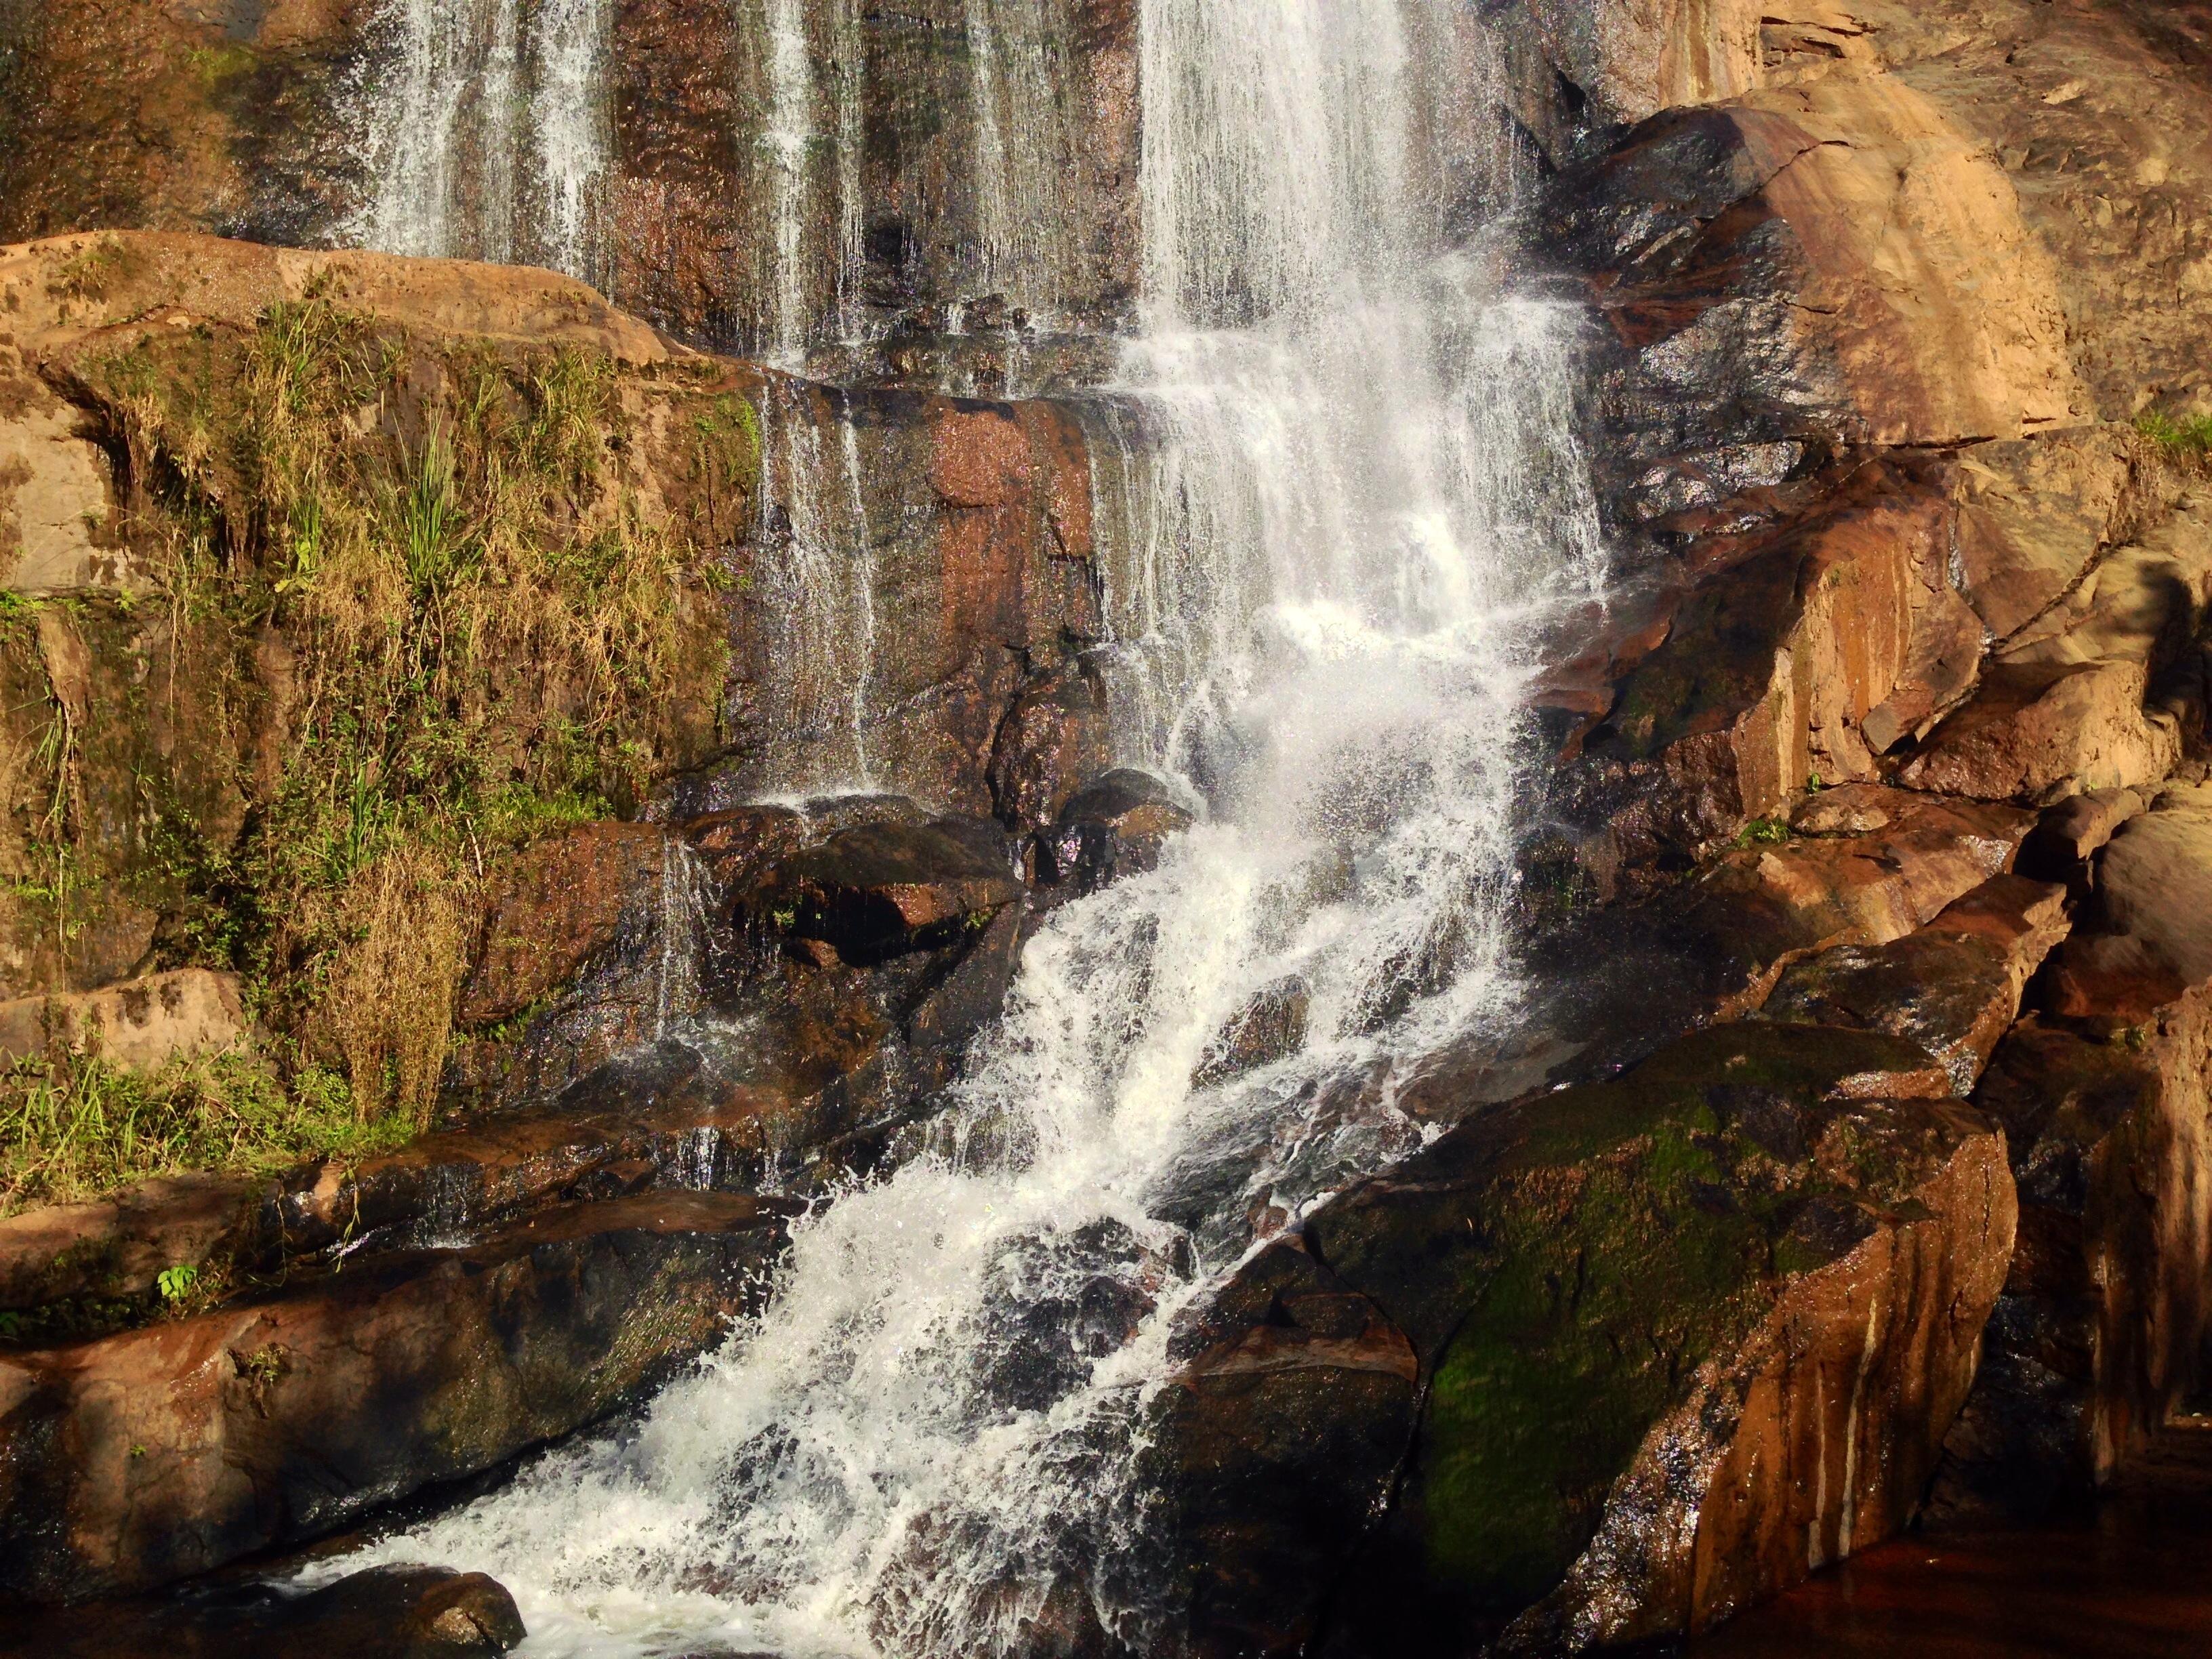 Cachoeira dos Félix